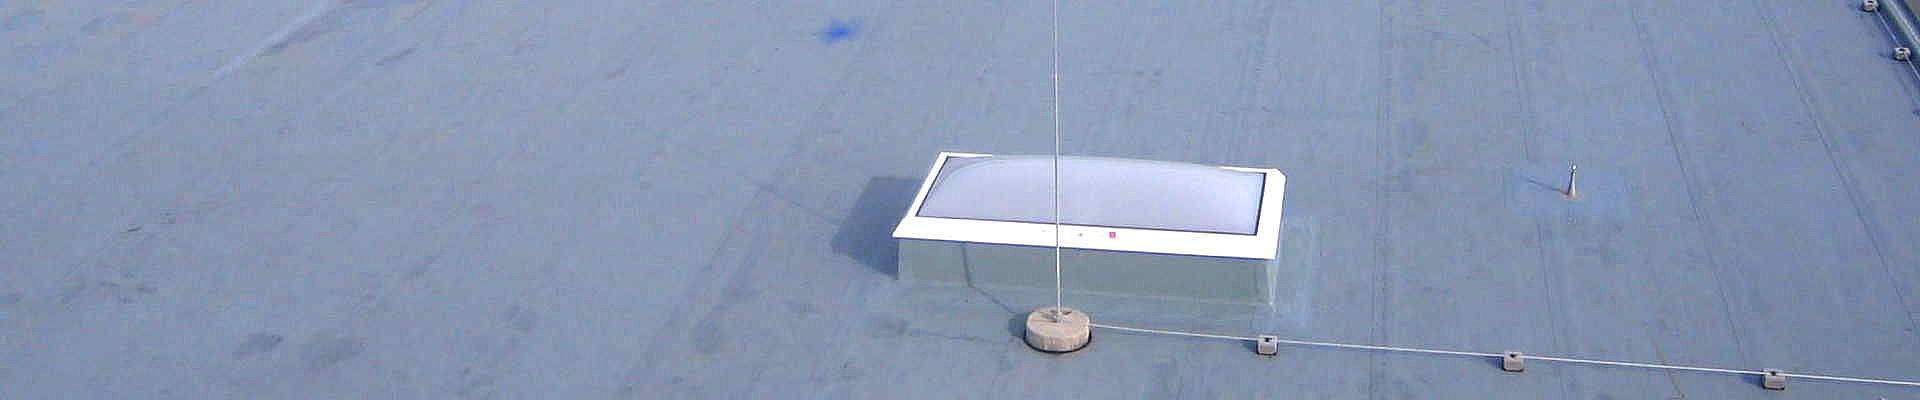 Lichtkuppeln sind Dachöffnungen für verschieden Zwecke